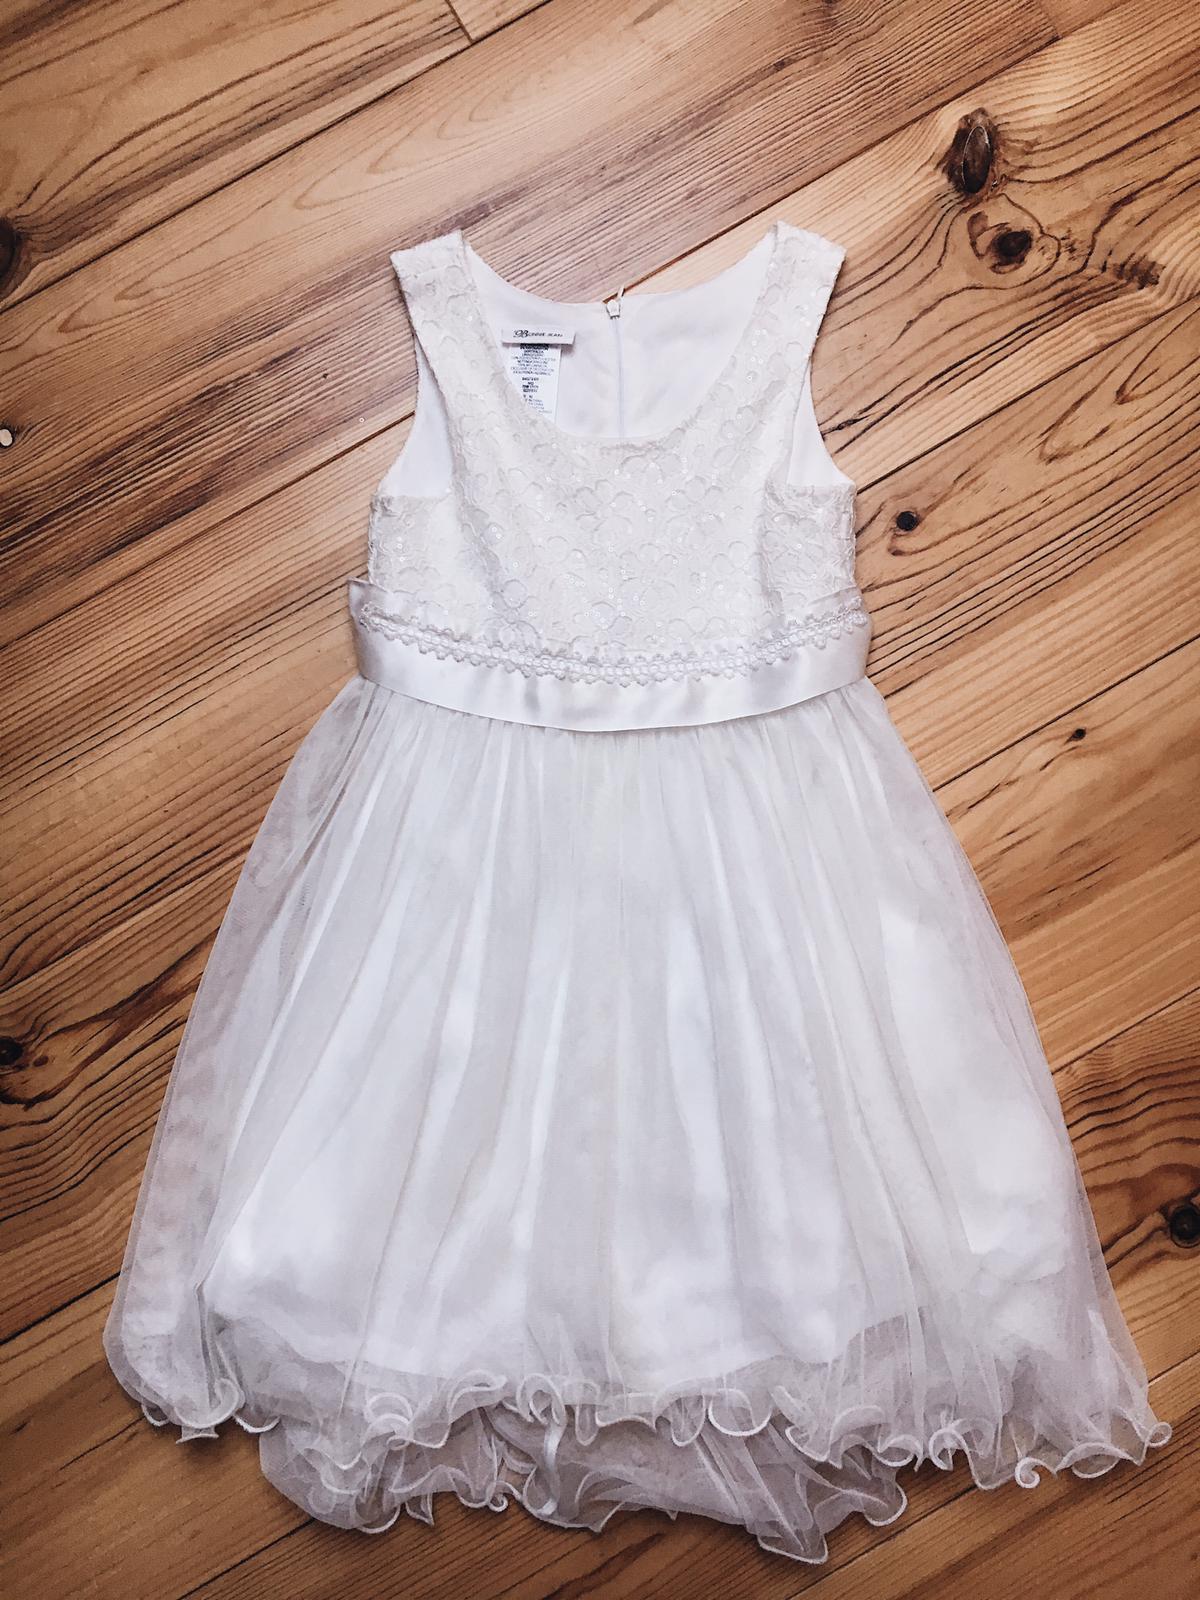 d47c830f3bcb Šaty pro družičku z usa vel. 10 let